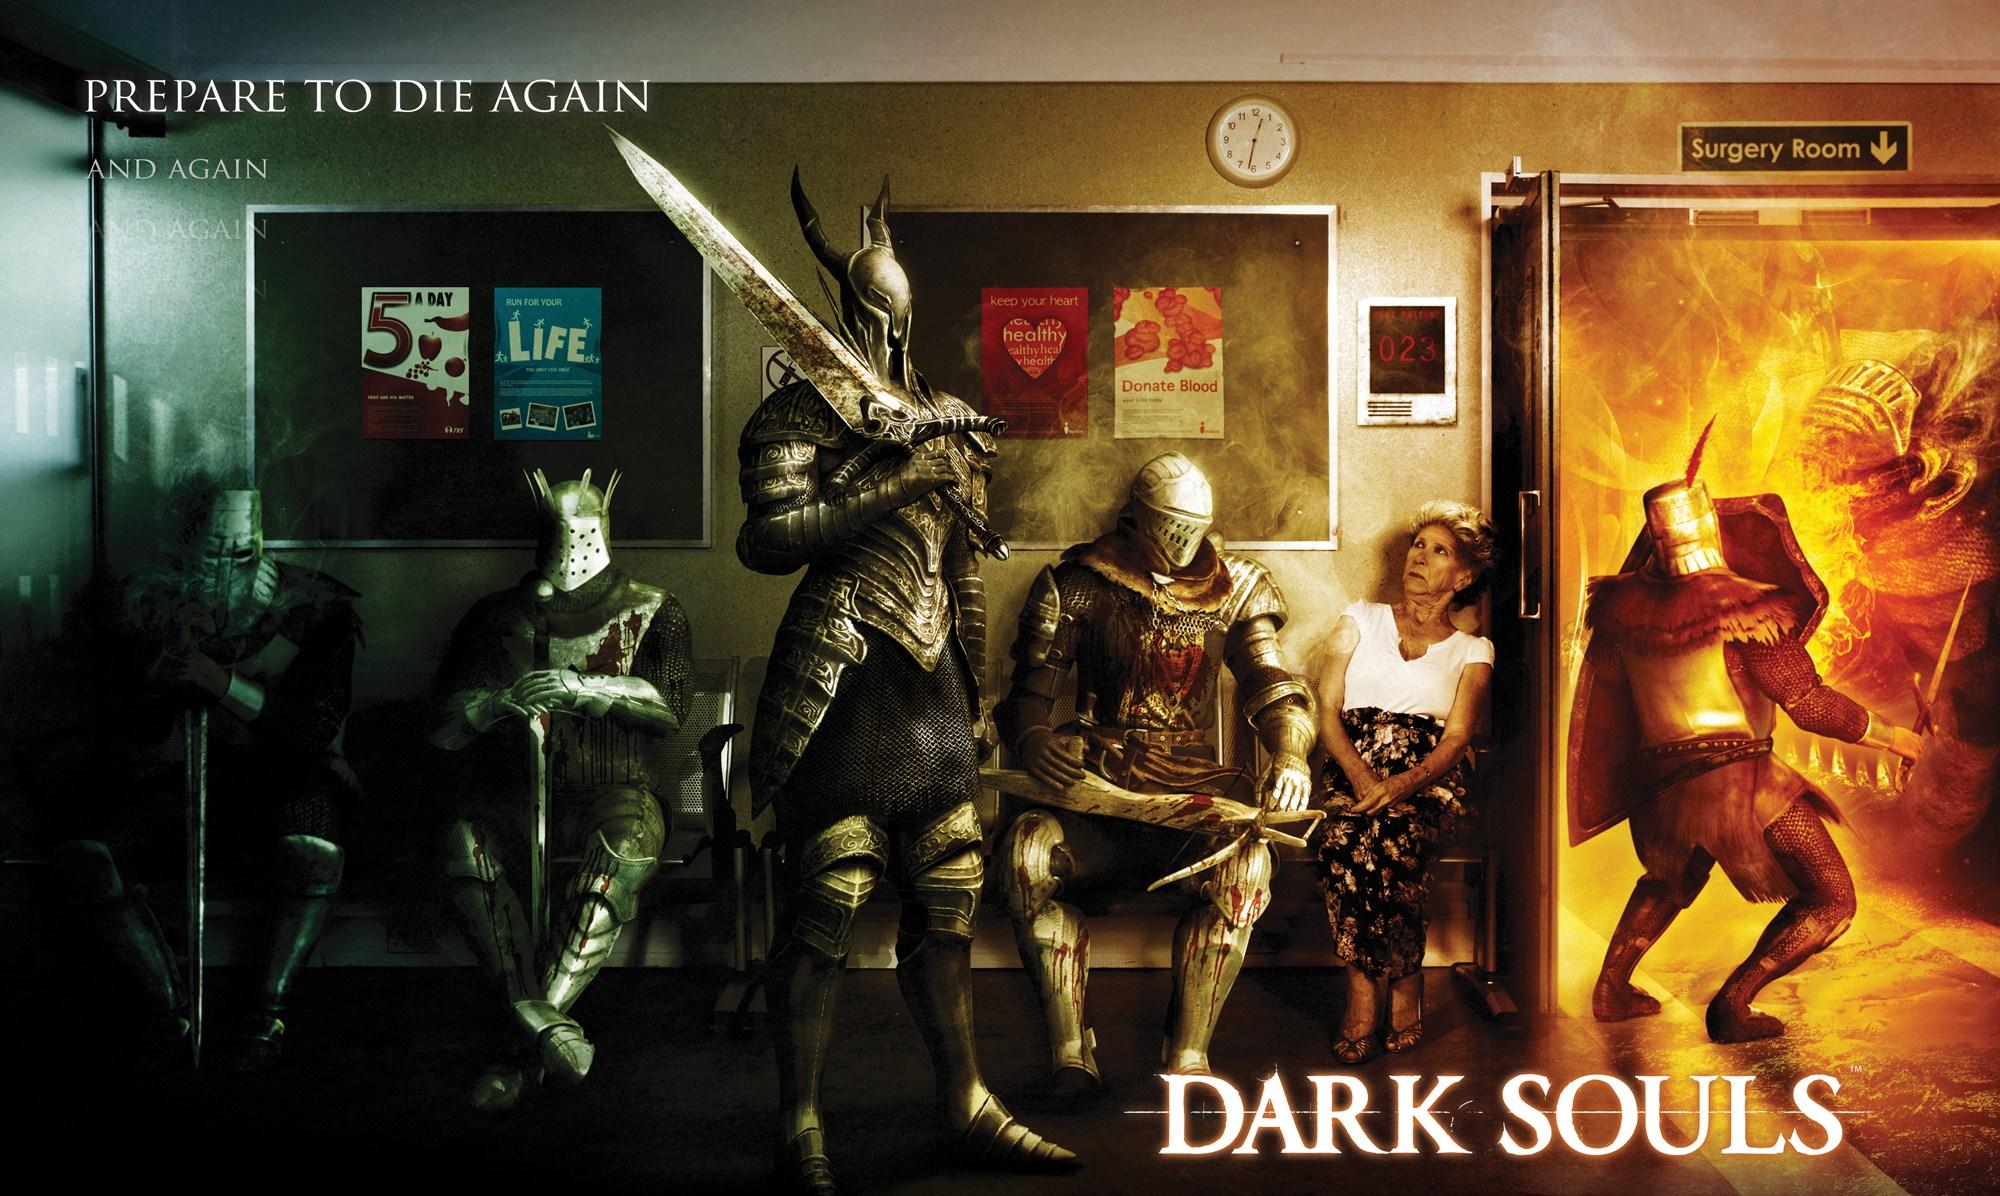 Hd Wallpaper Dark Souls Prepare To Die Again 75089 Hd